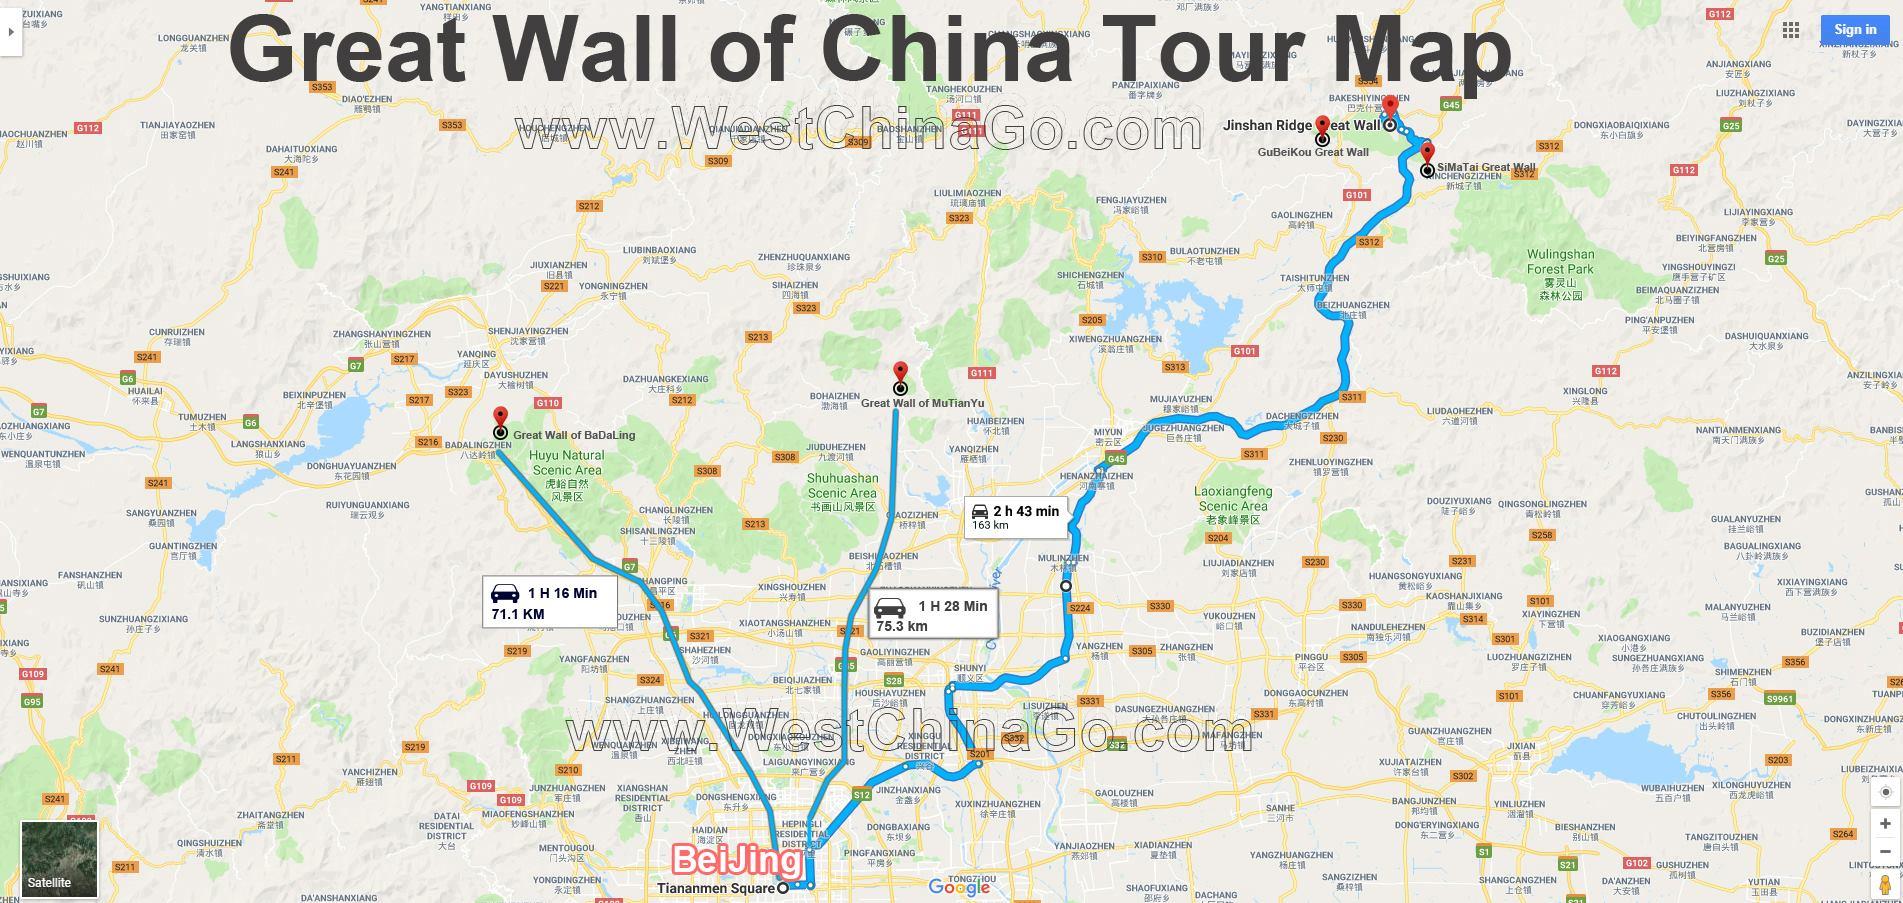 great wall of china toruist map